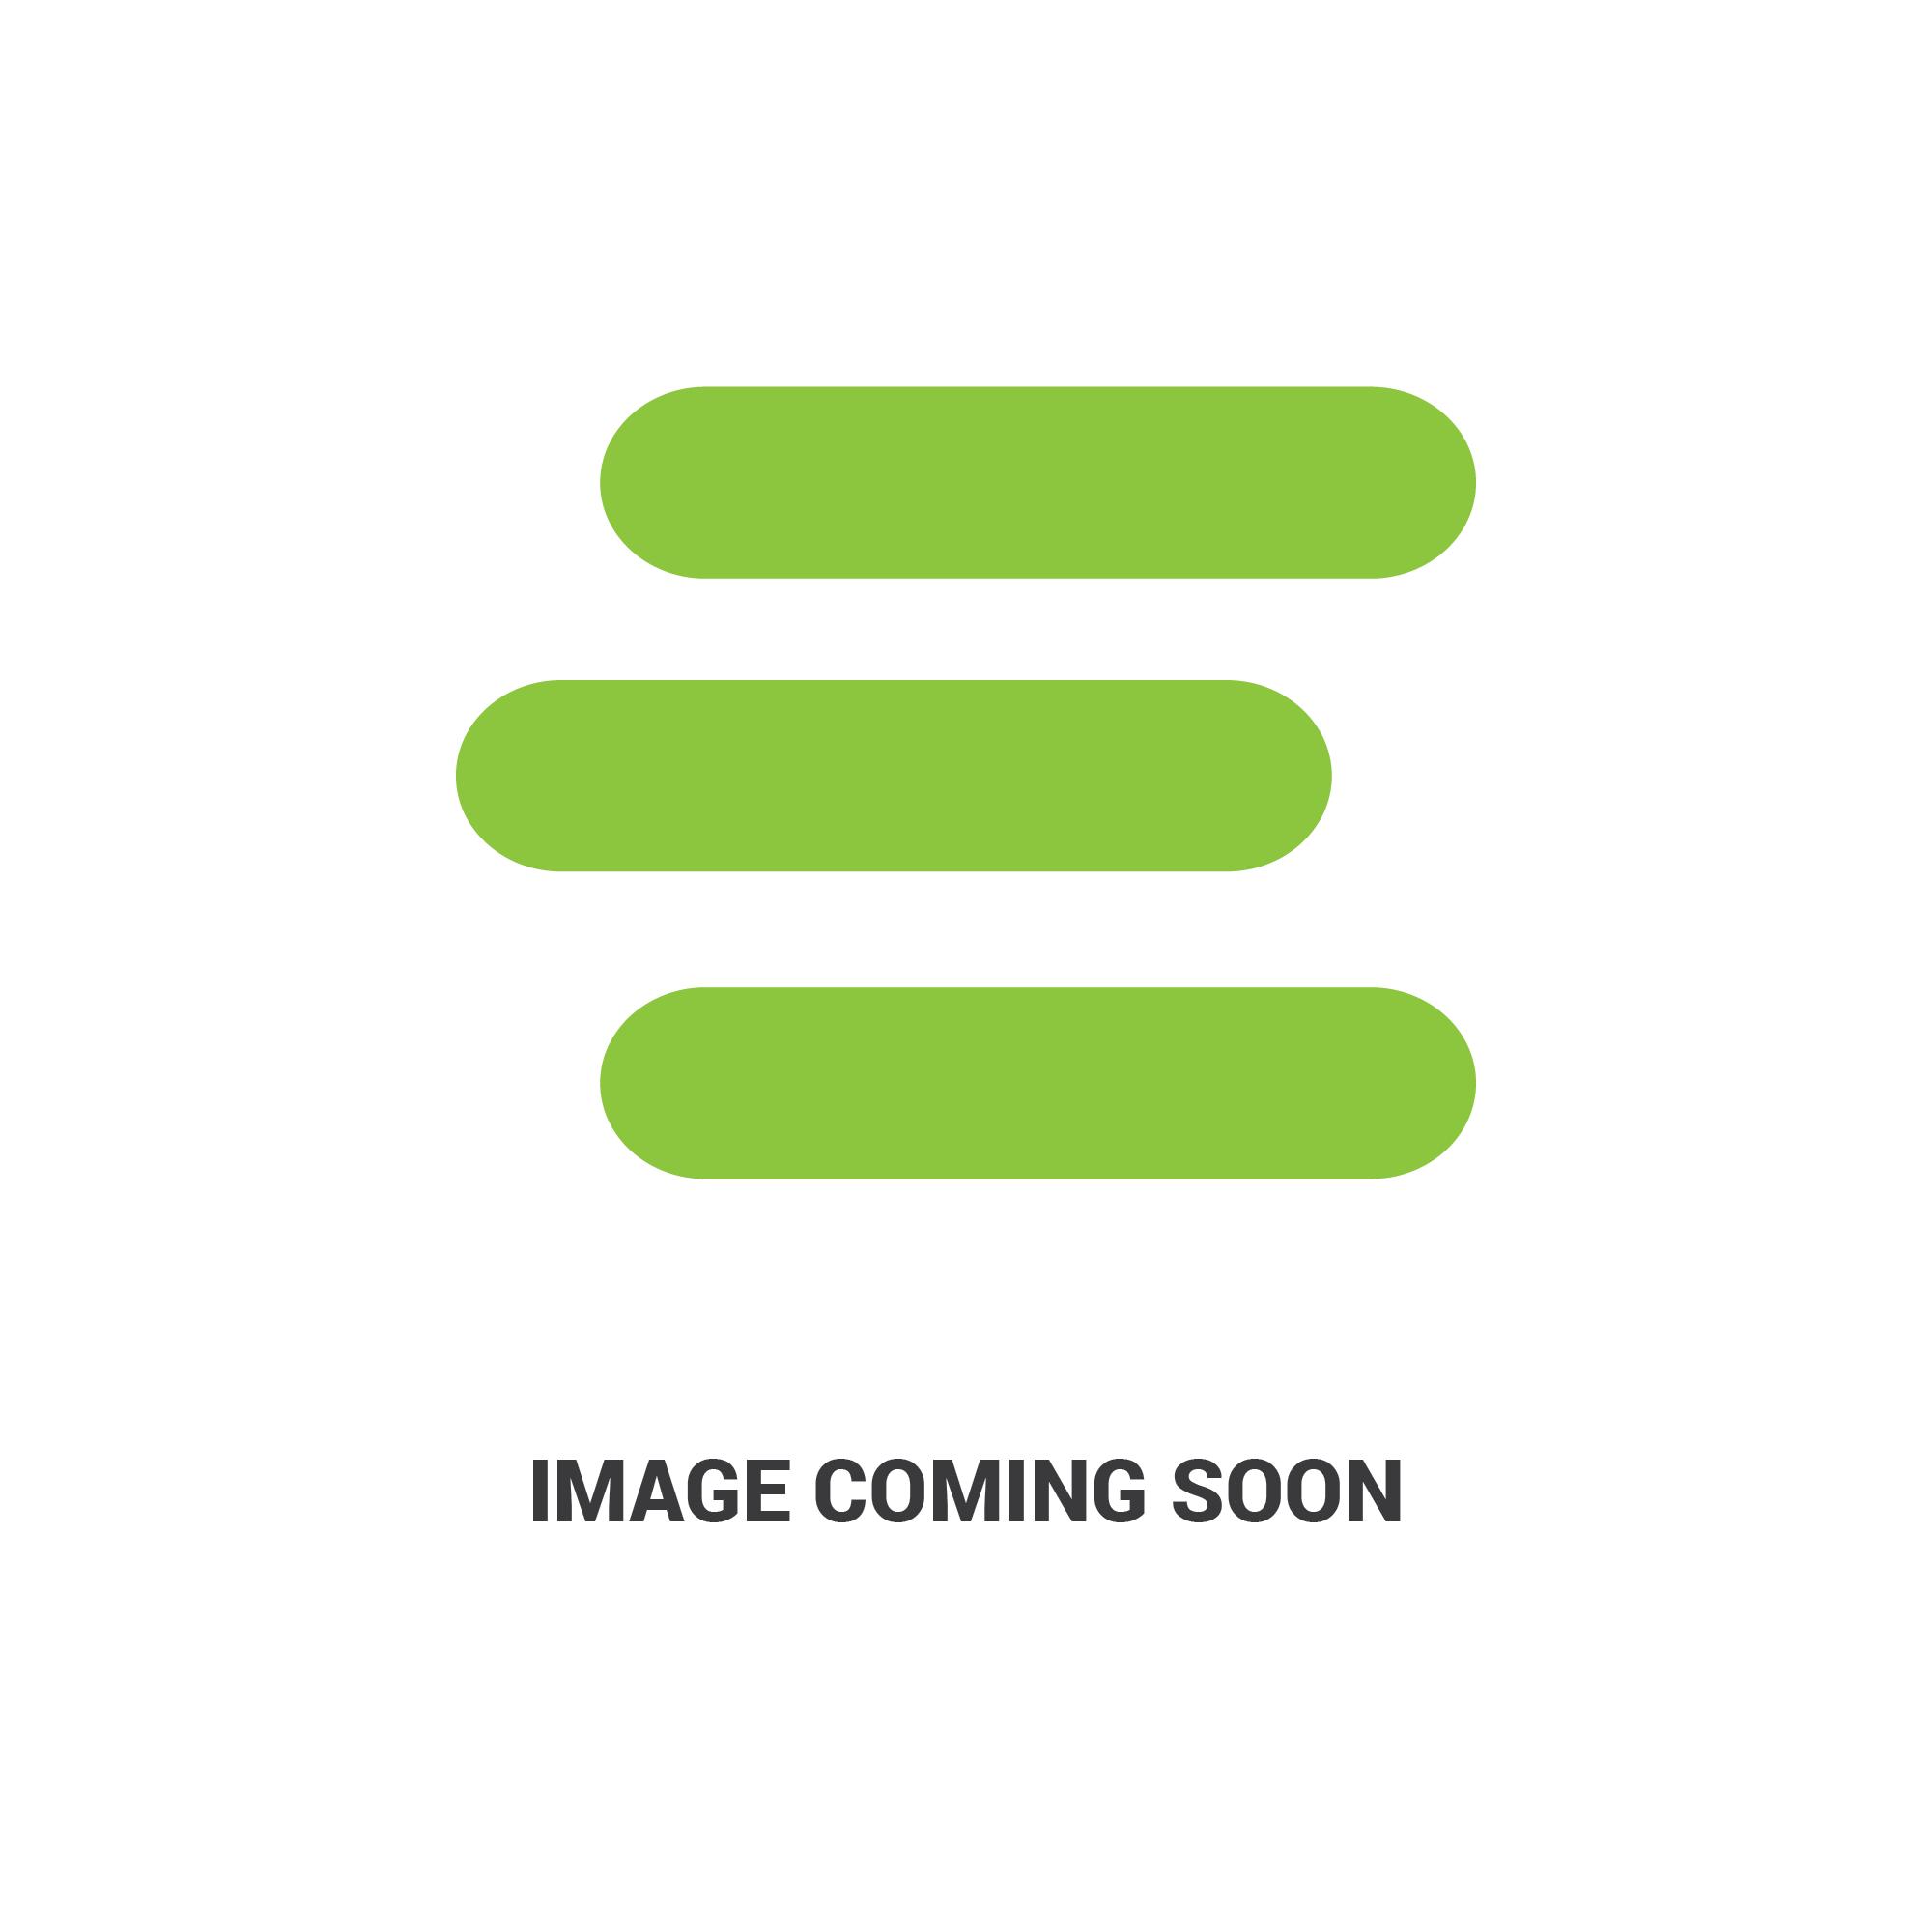 E-6A320-59920edit 1103.jpg